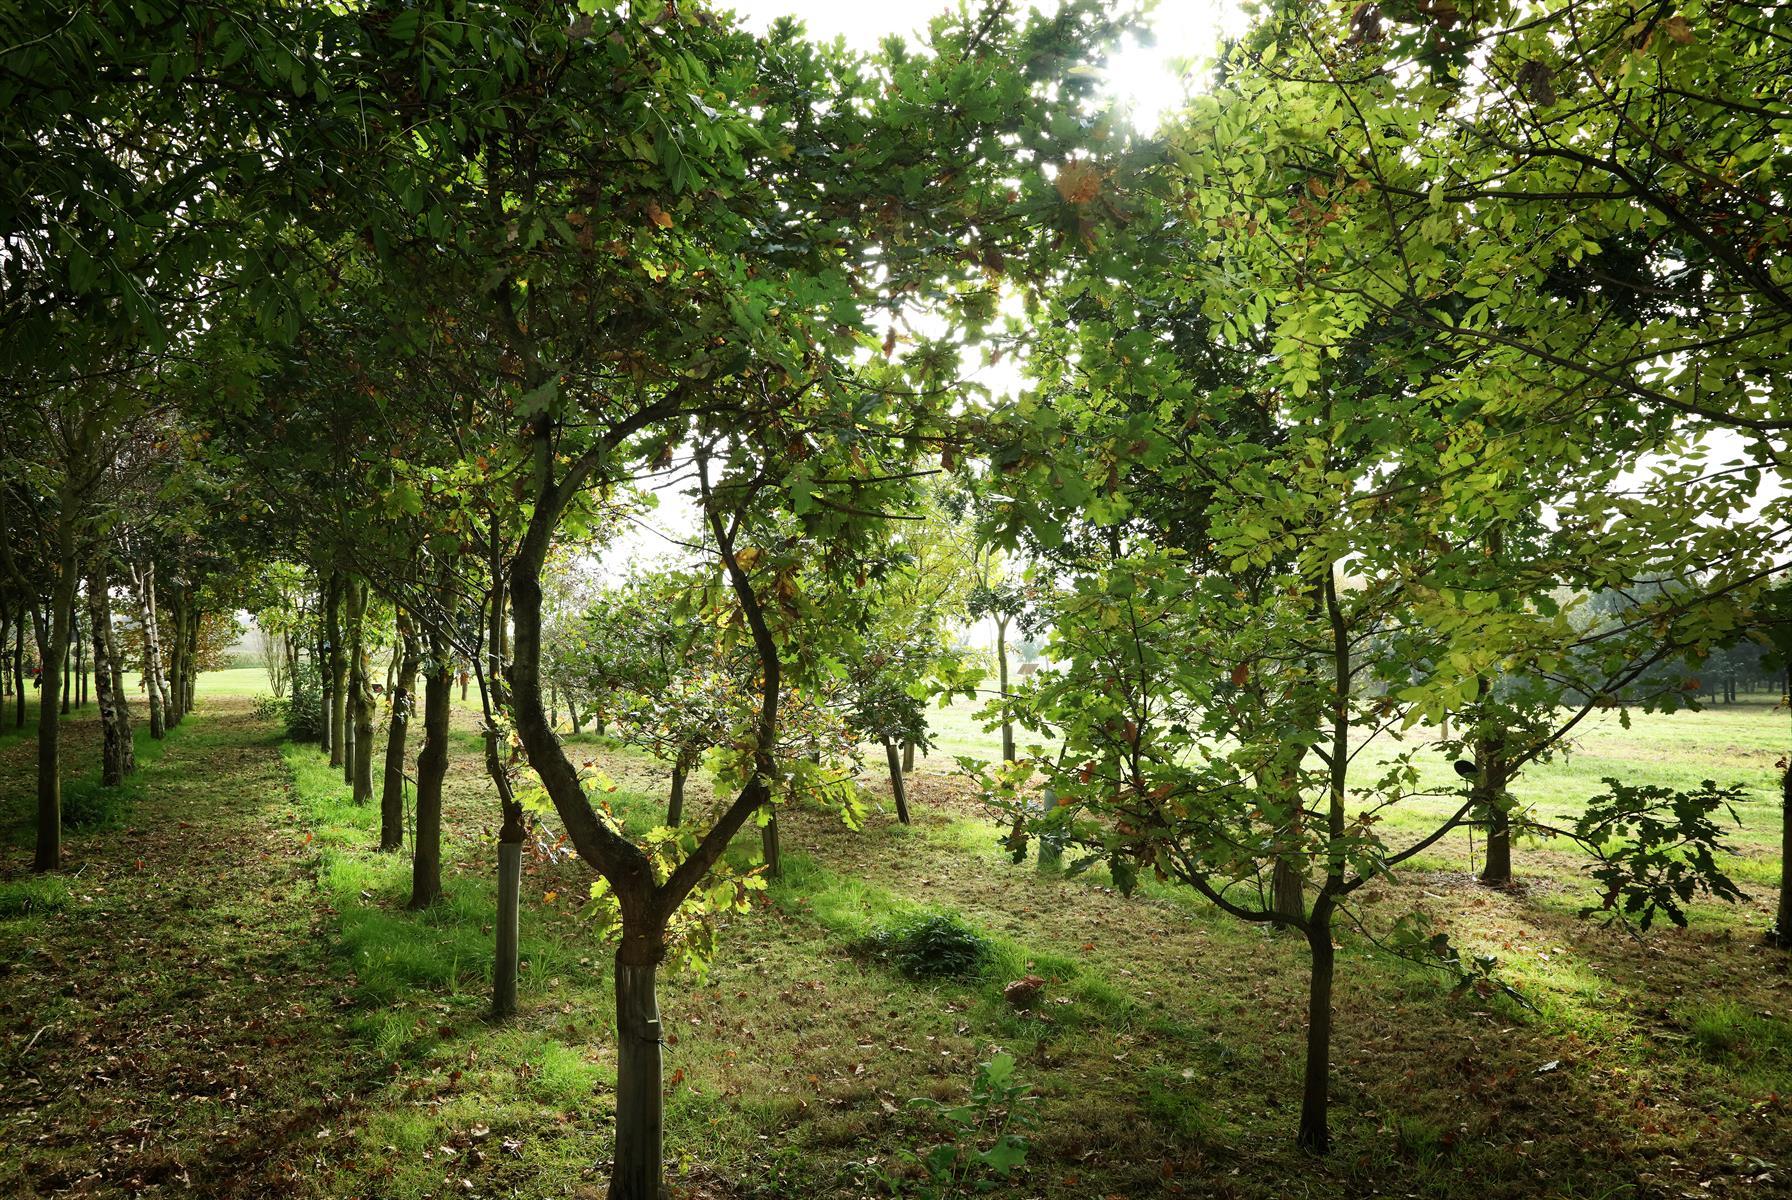 Trees at the Arboretum